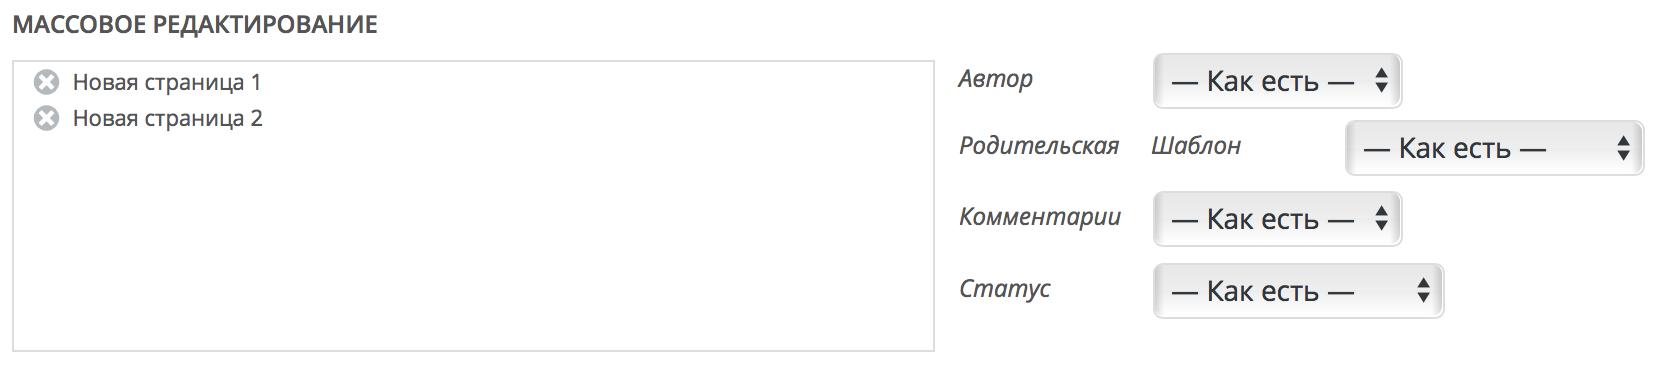 Интерфейс редактирования страниц